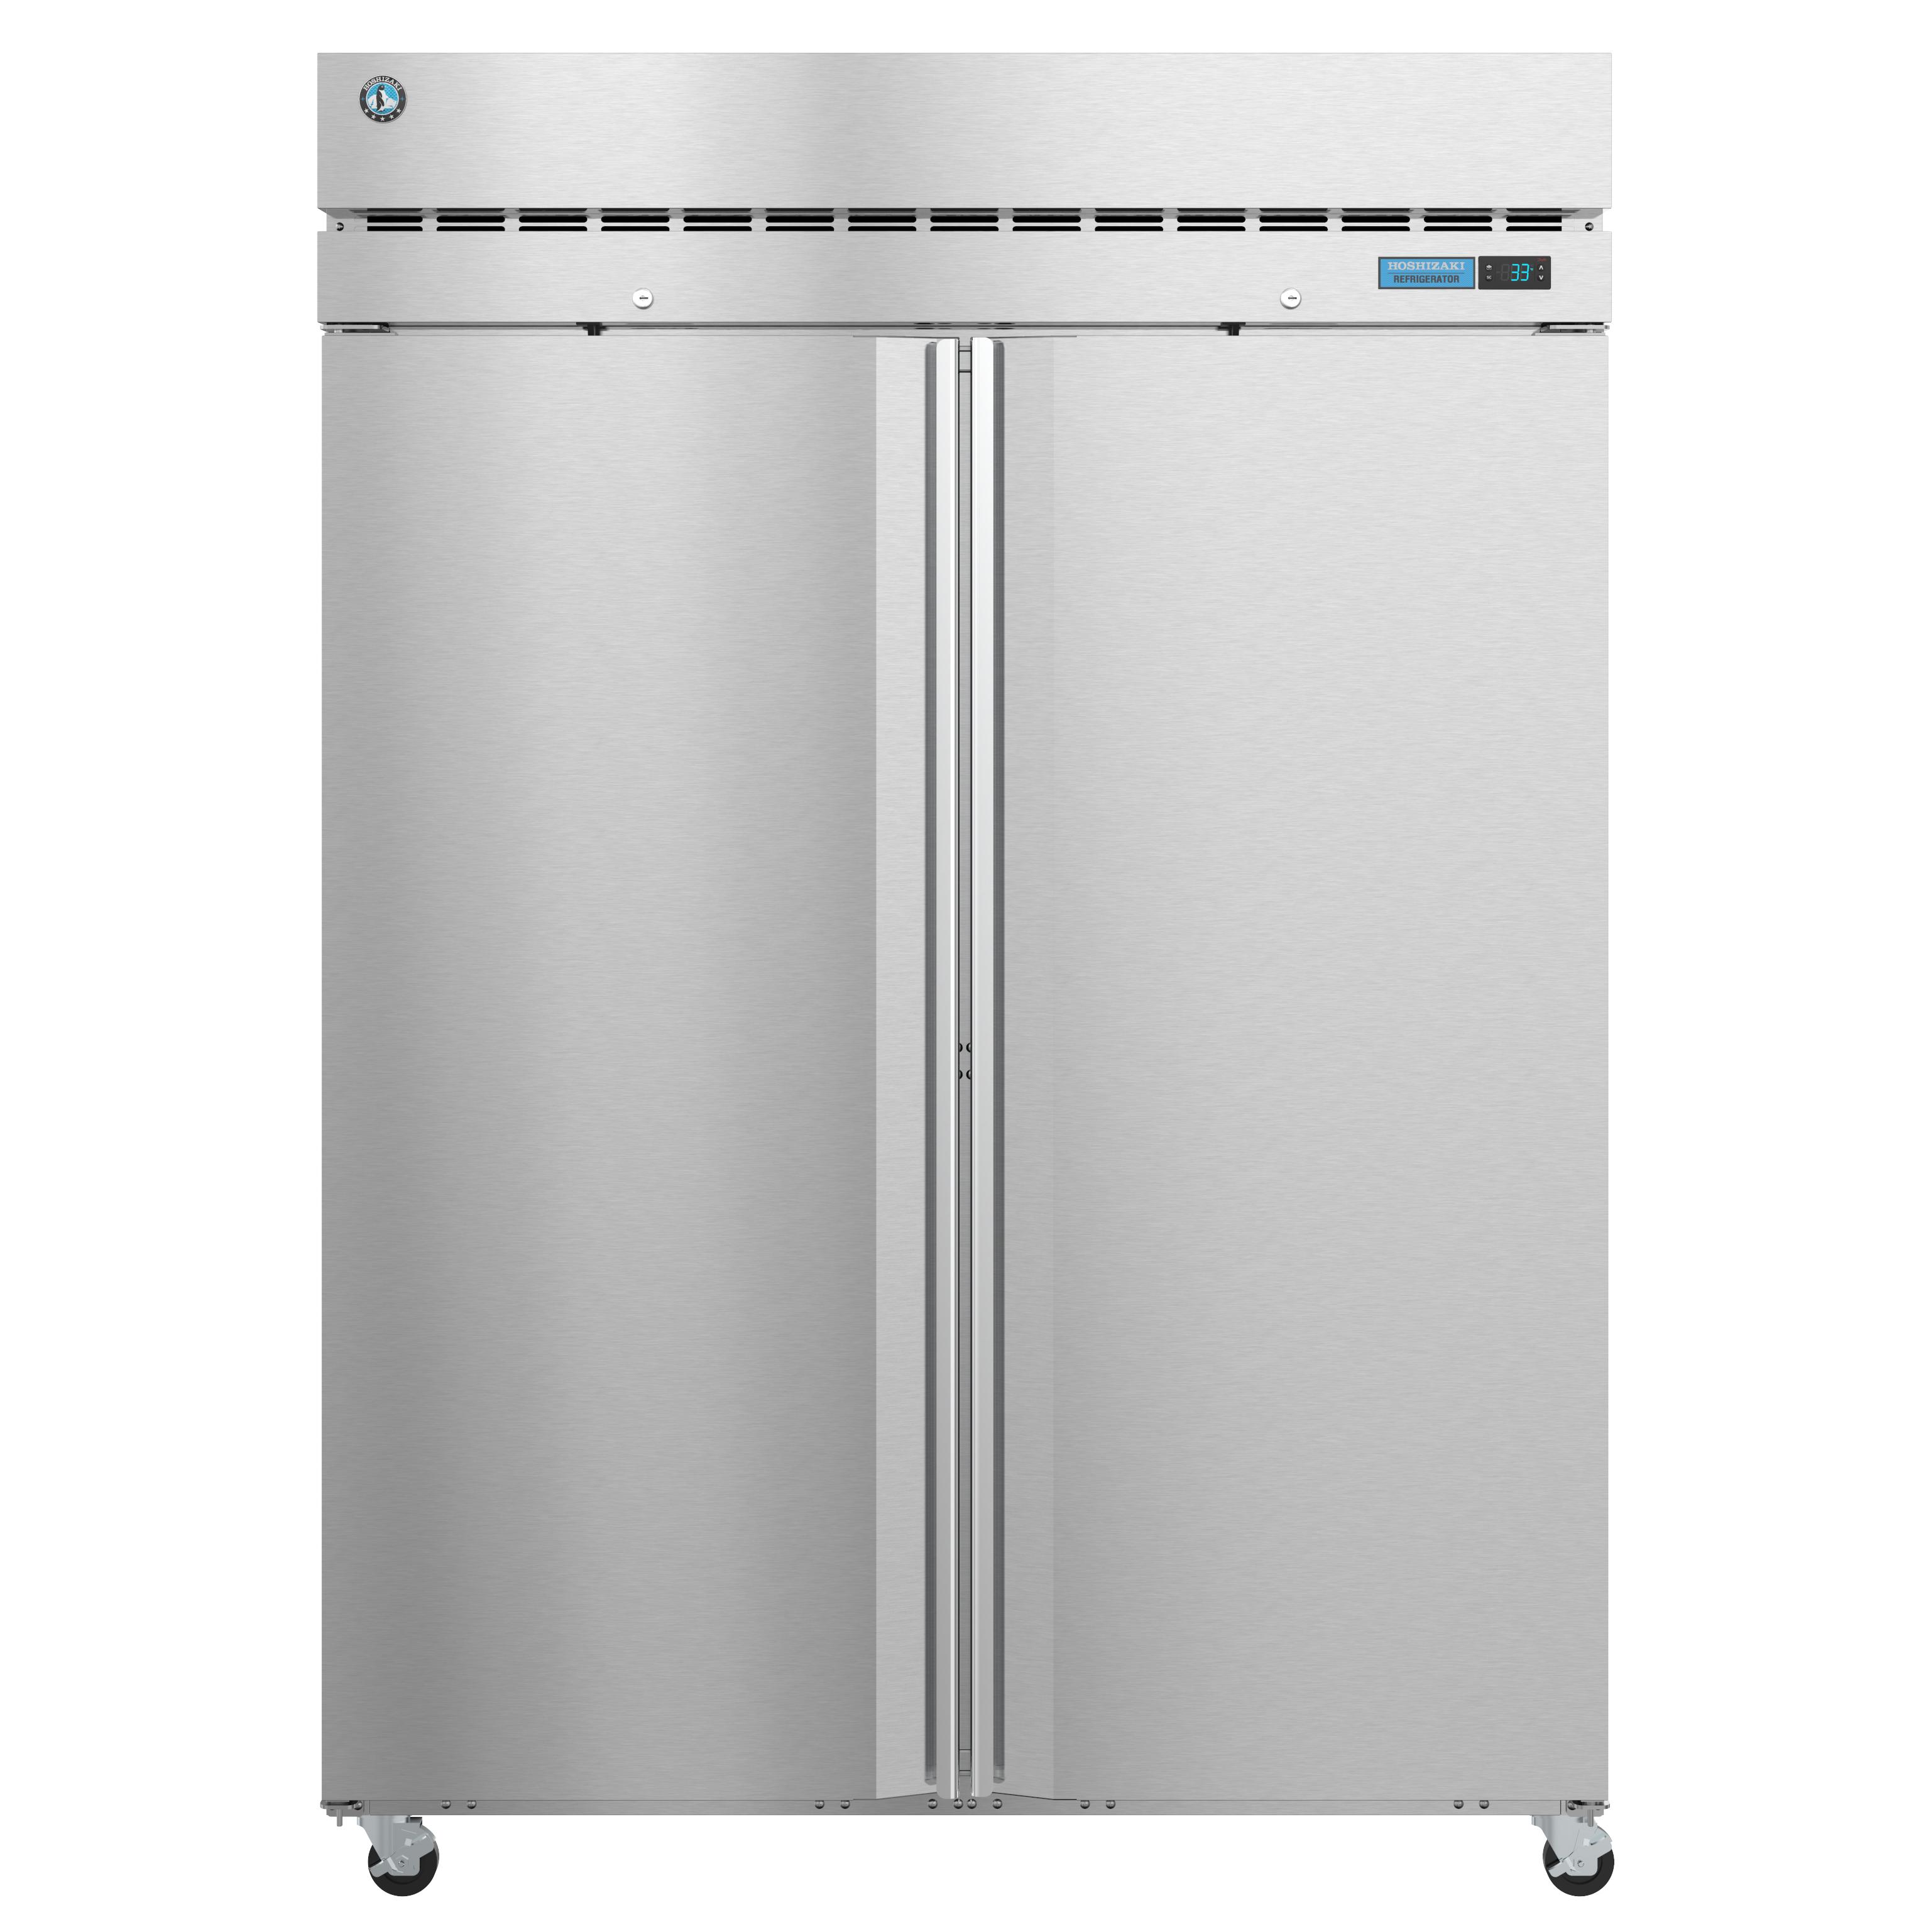 Hoshizaki R2A-FS refrigerator, reach-in